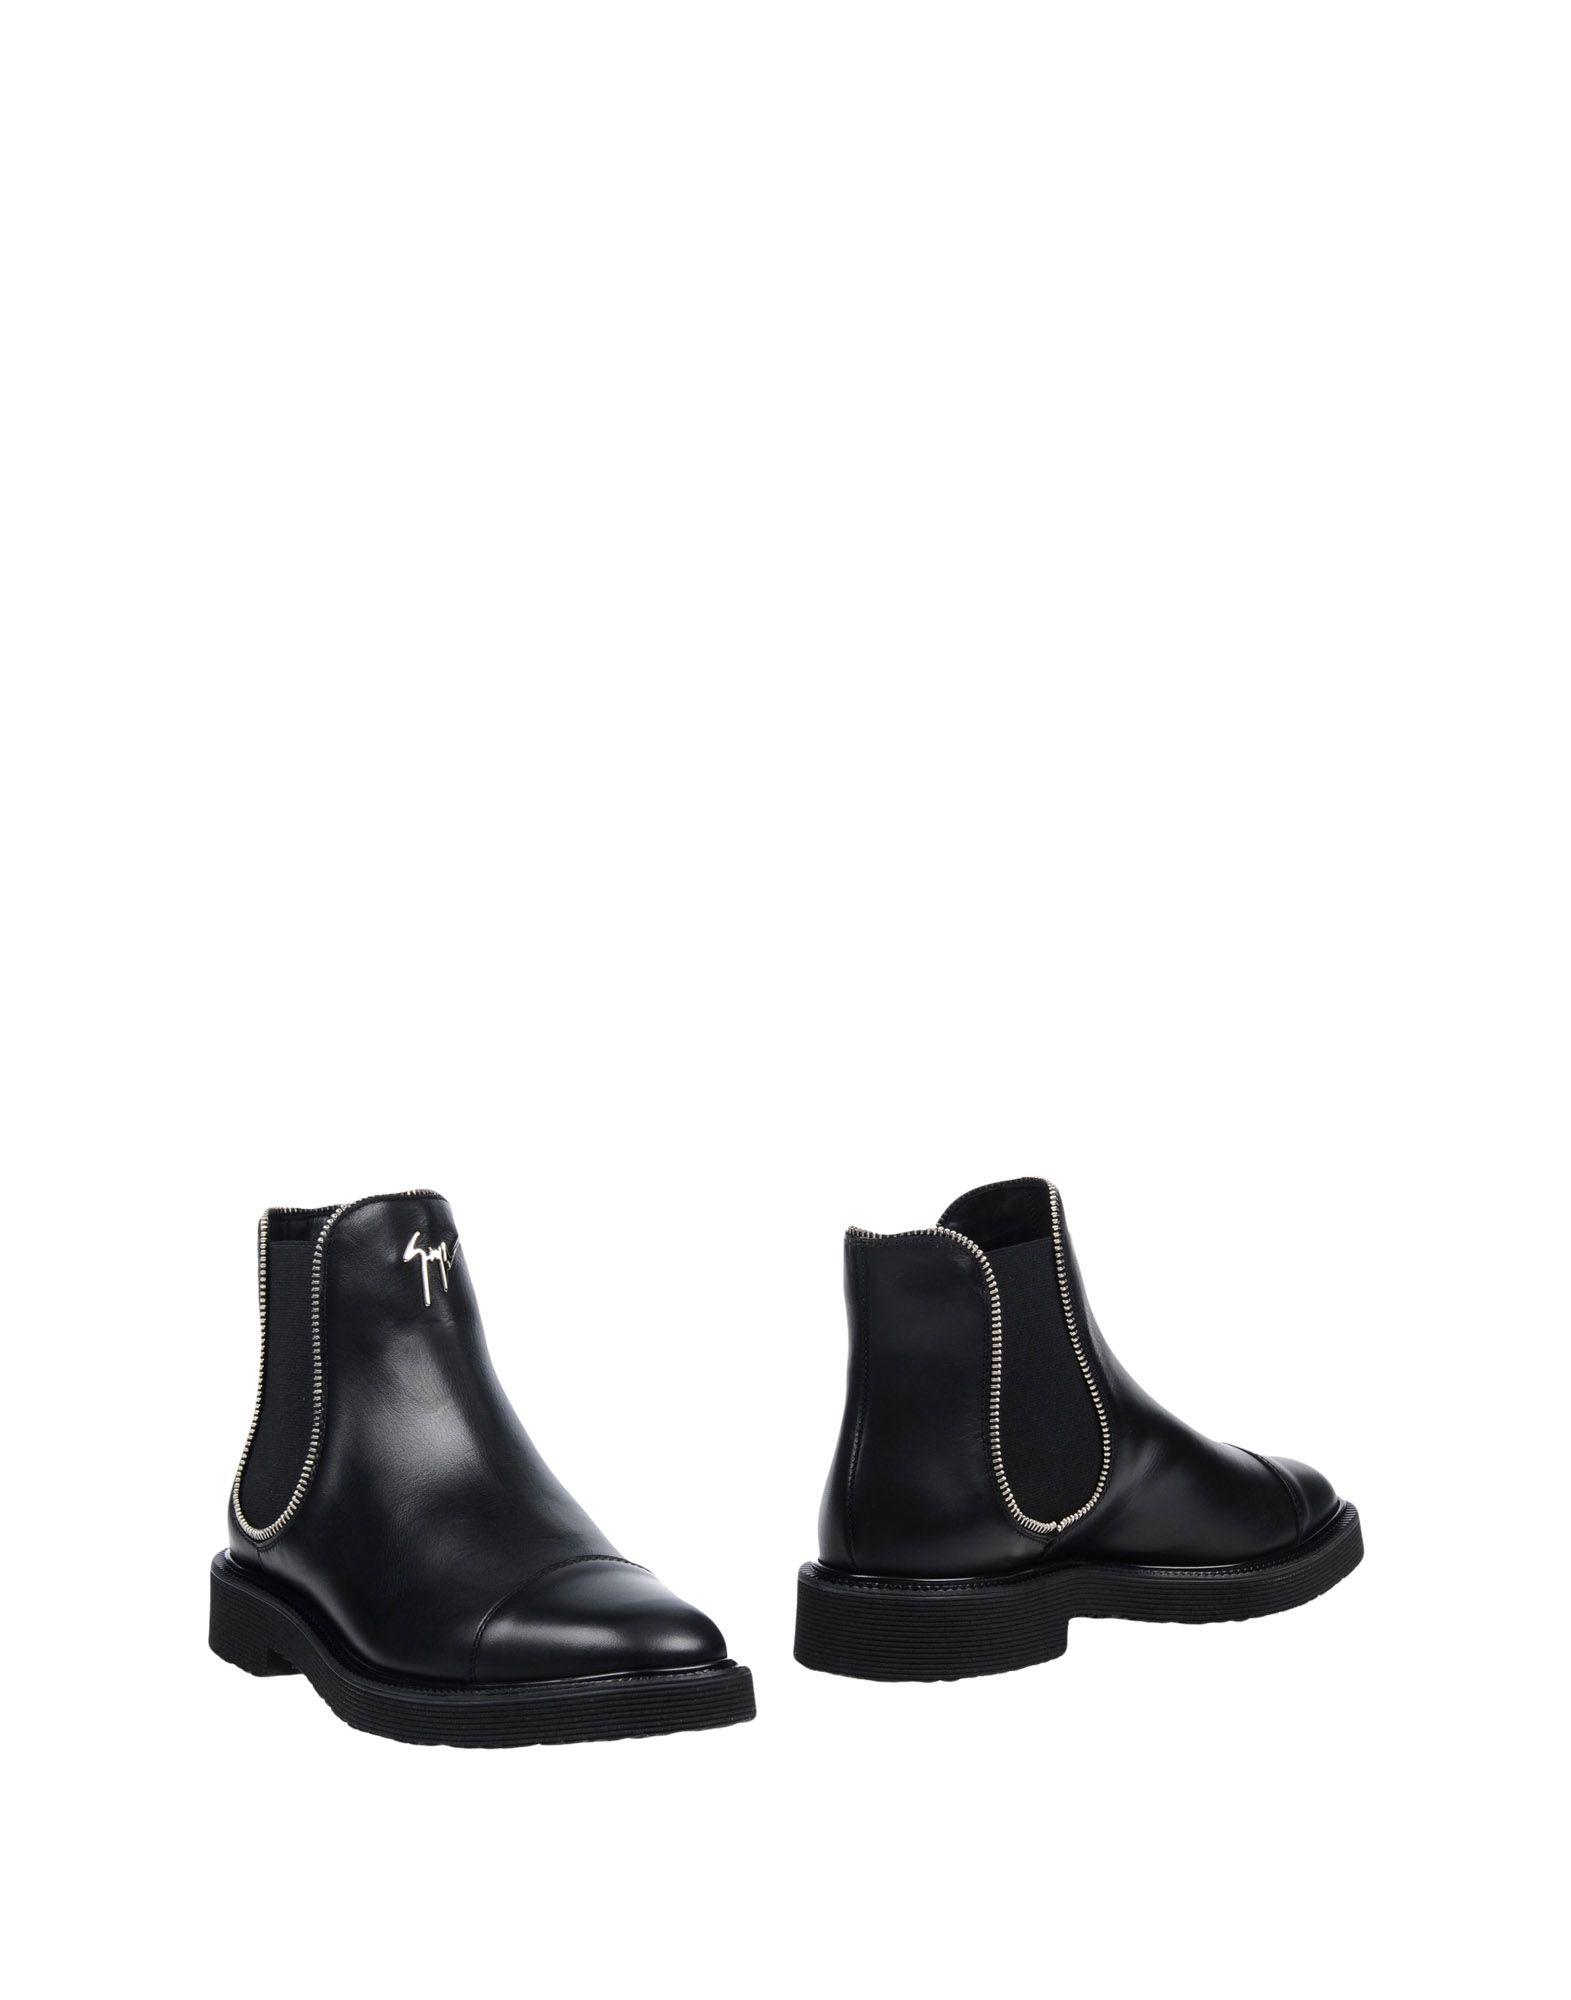 Chelsea Boots Giuseppe Zanotti Donna Donna Donna - 11446471LW cc0dda